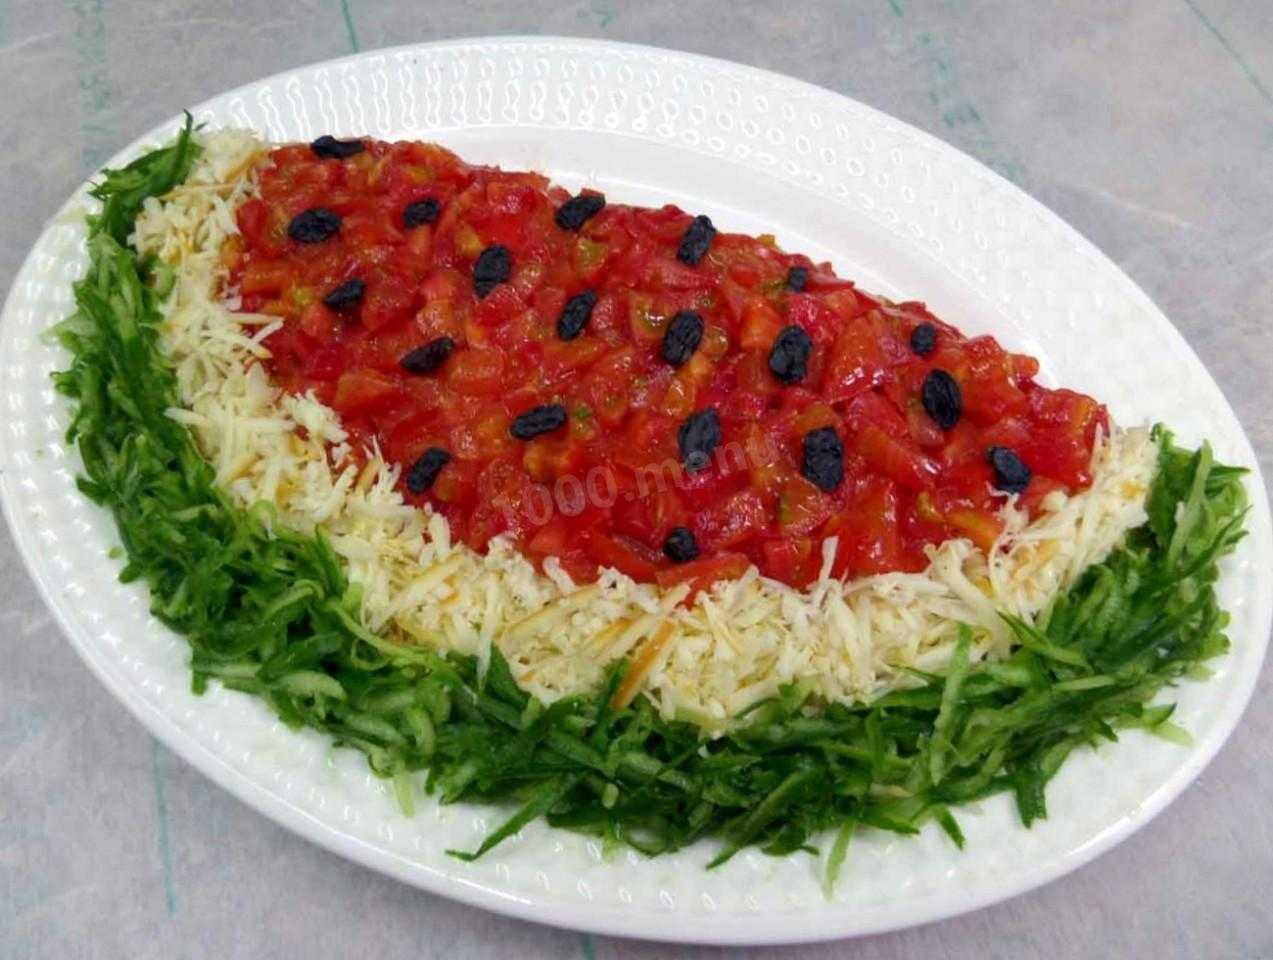 Великолепный салат Арбузная долька к зимним праздникам. Рецепты приготовления с мясом птицы, виноградом и грибами с фото. Советы опытных хозяек.